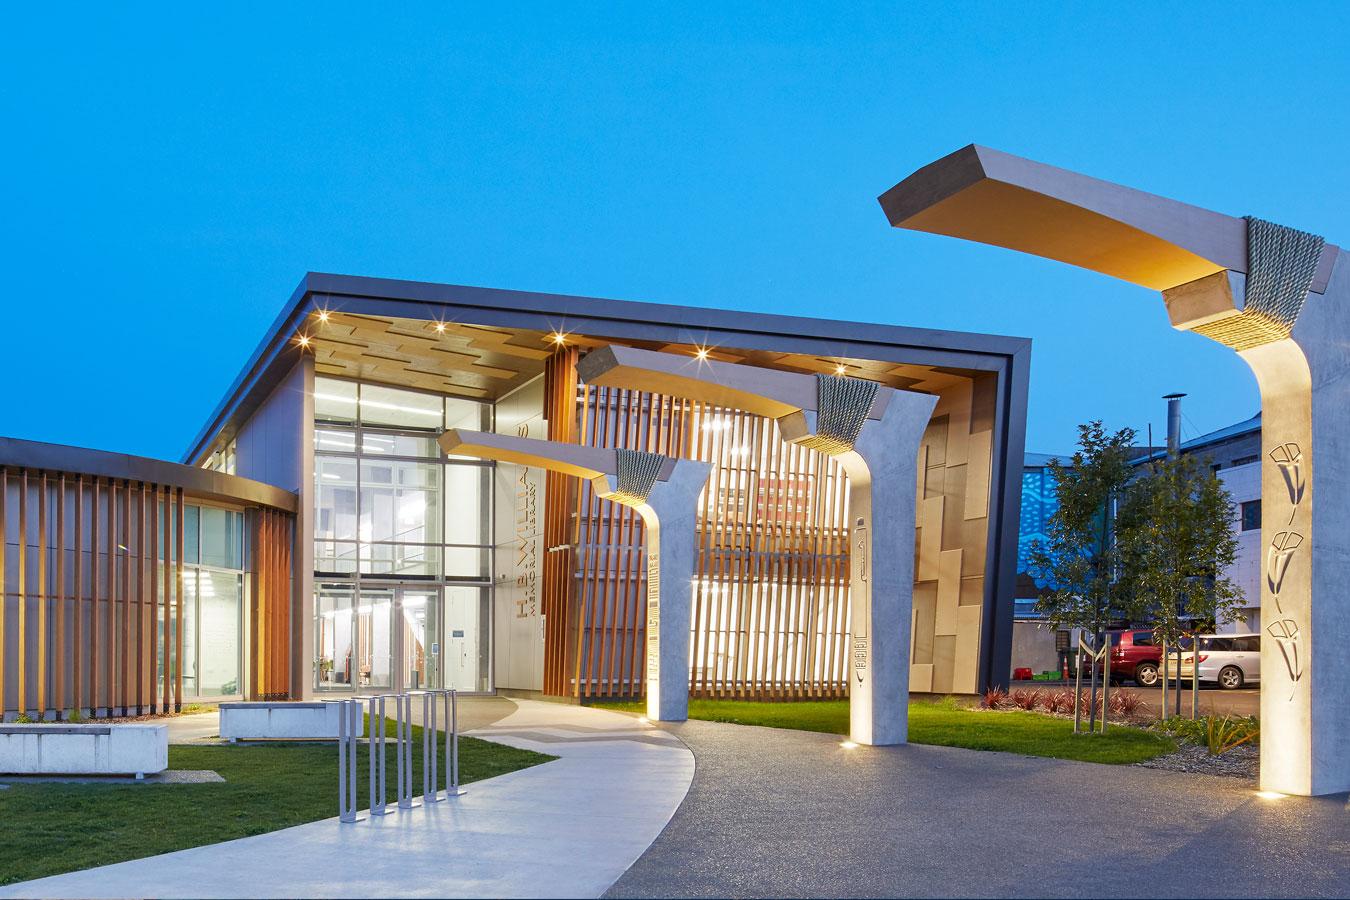 H B Williams Memorial Library